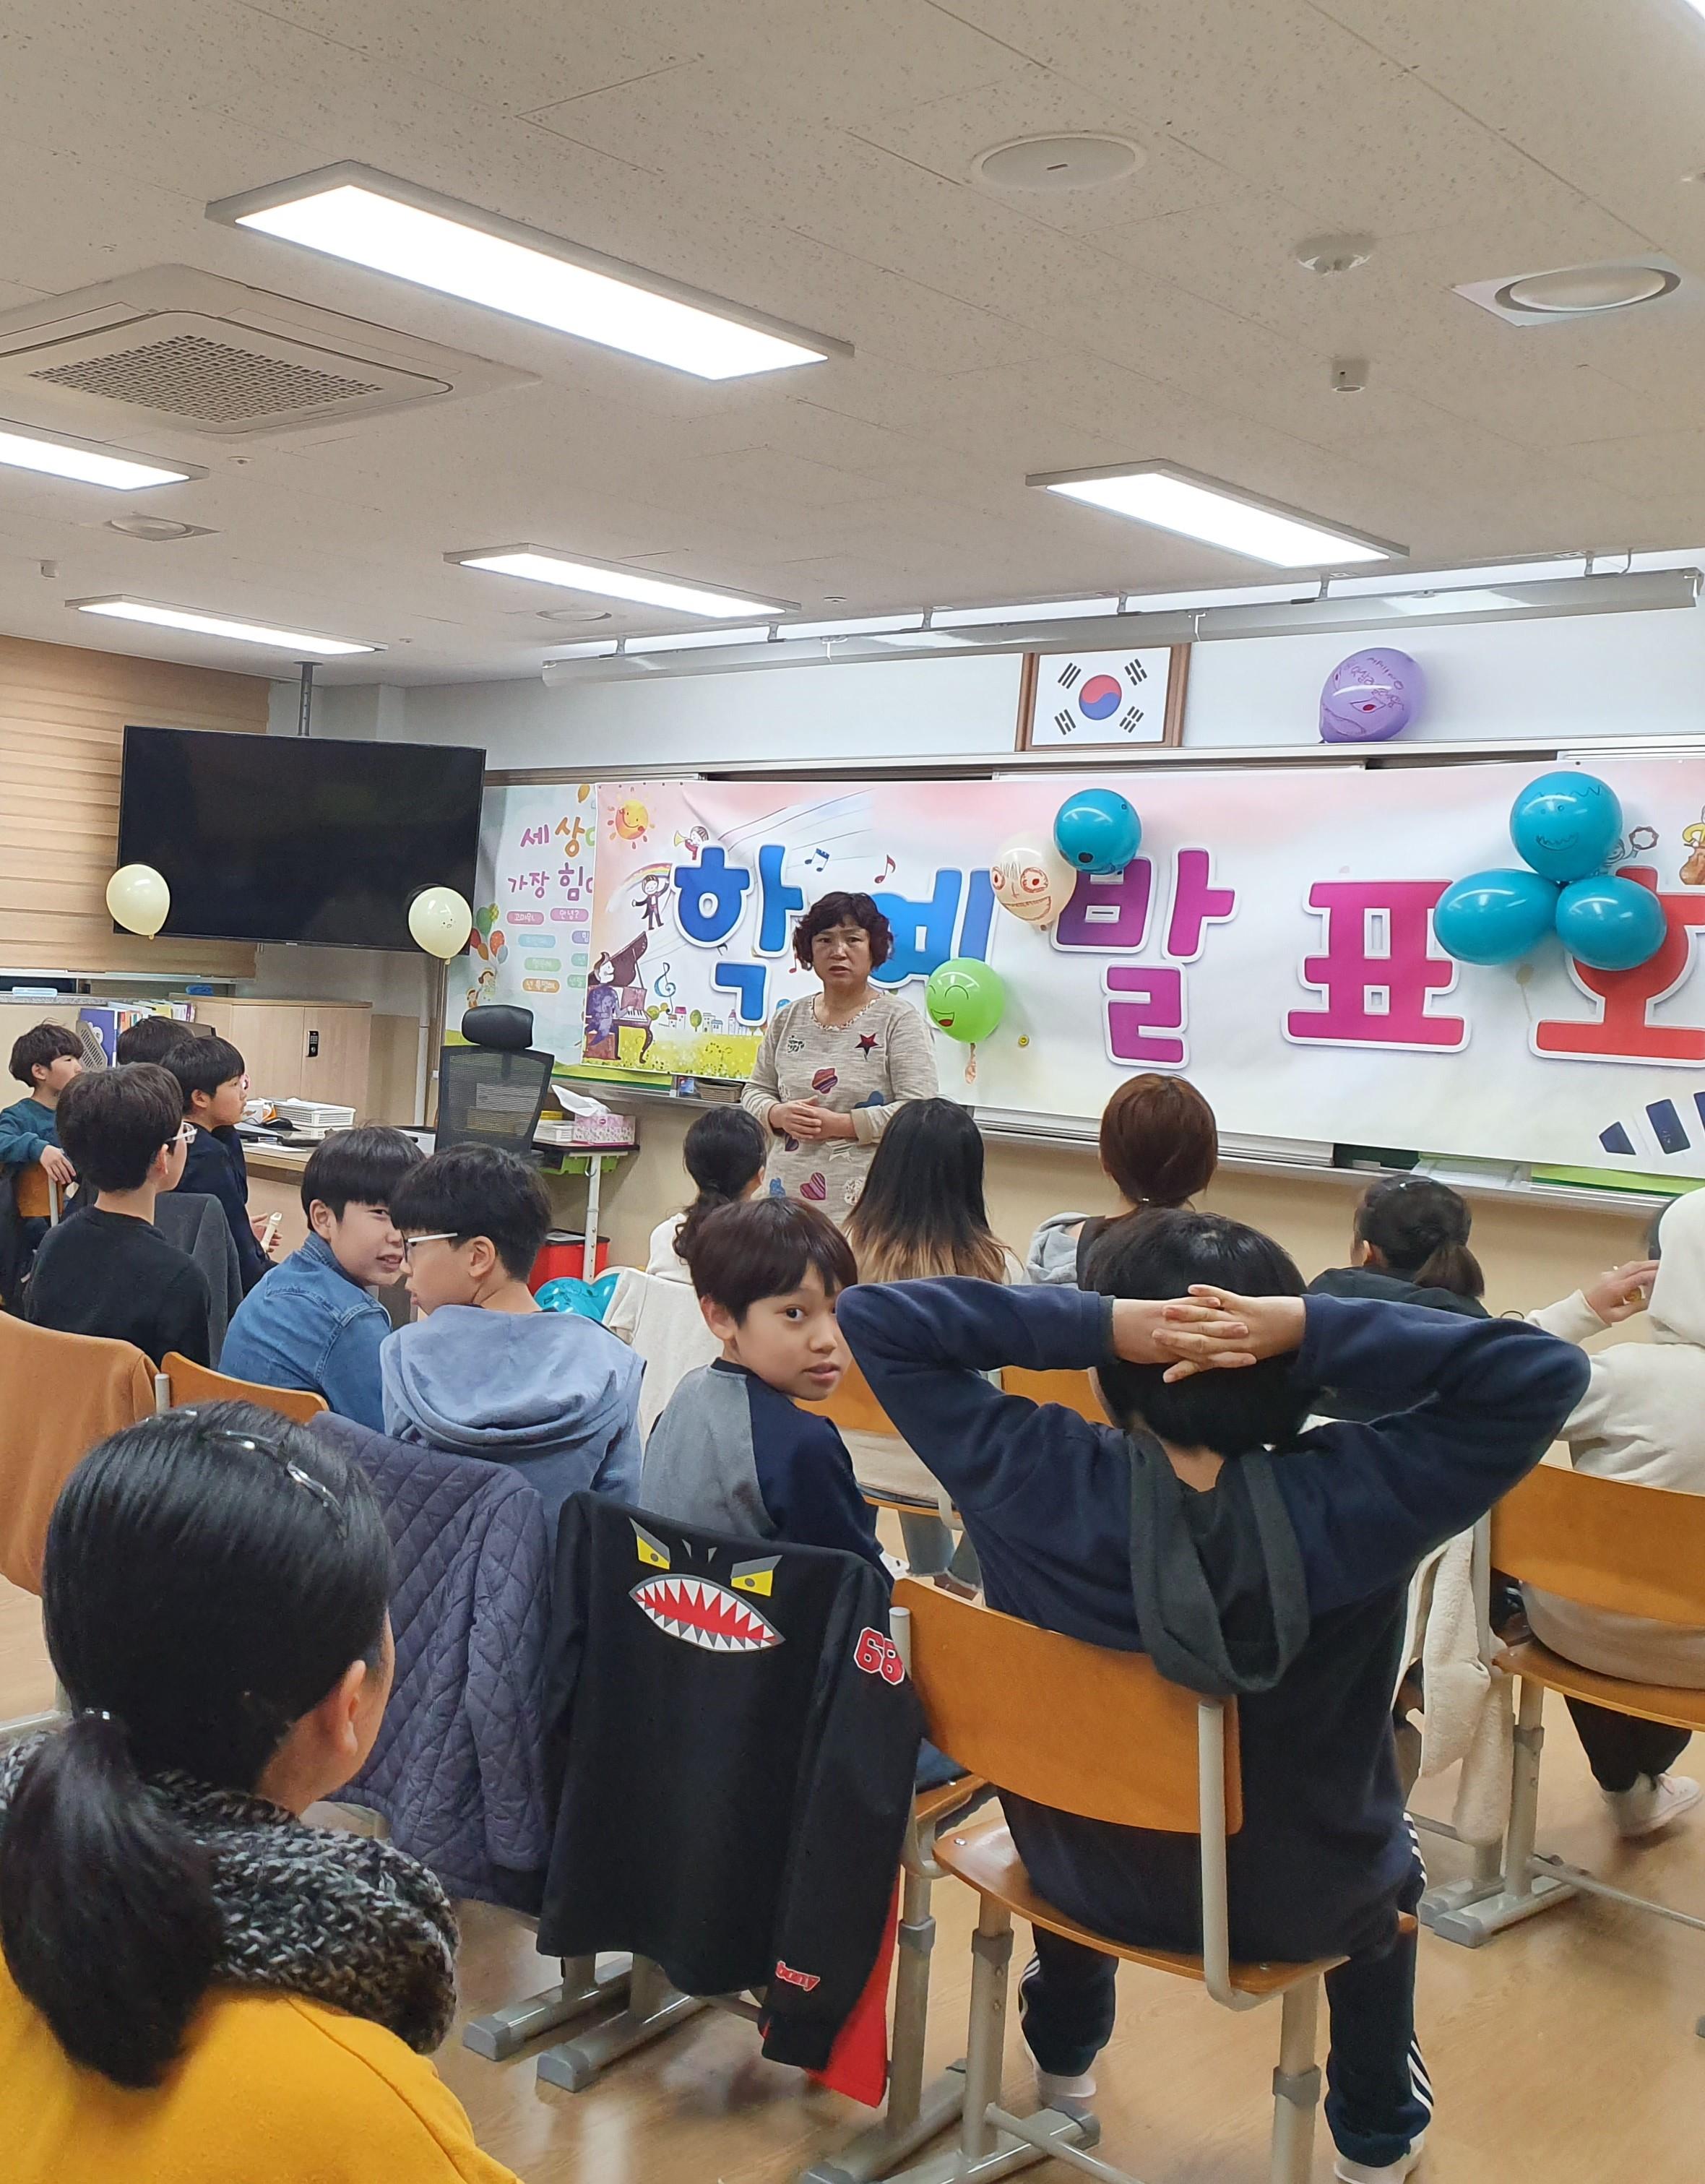 [일반] [2019.11.13.] 5학년 학예회의 첨부이미지 1